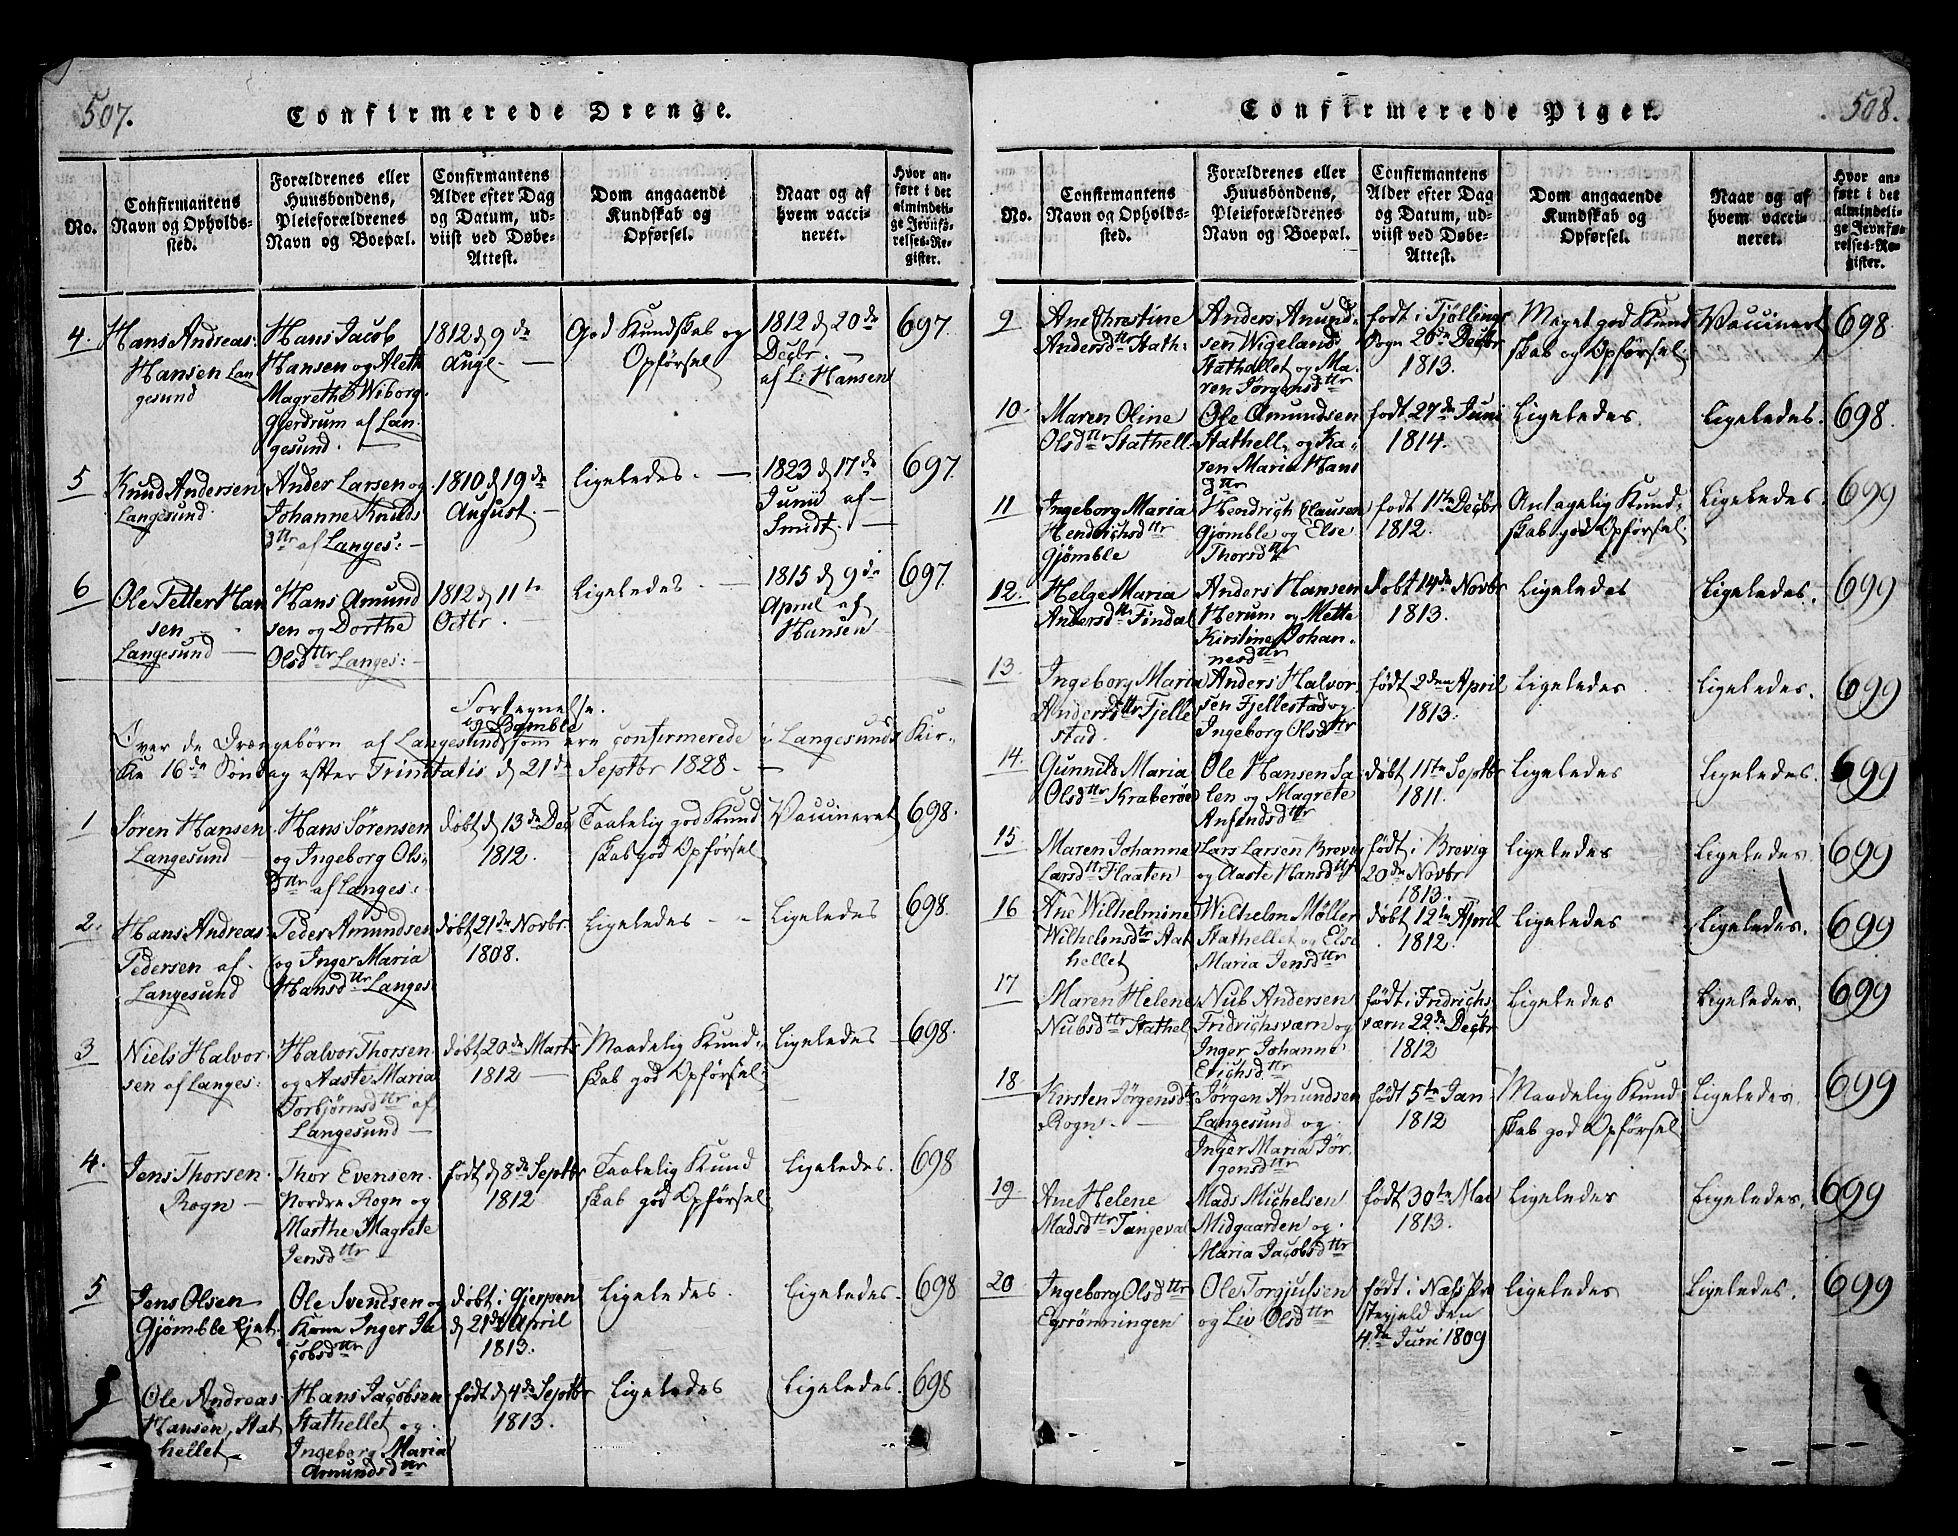 SAKO, Langesund kirkebøker, G/Ga/L0003: Klokkerbok nr. 3, 1815-1858, s. 507-508